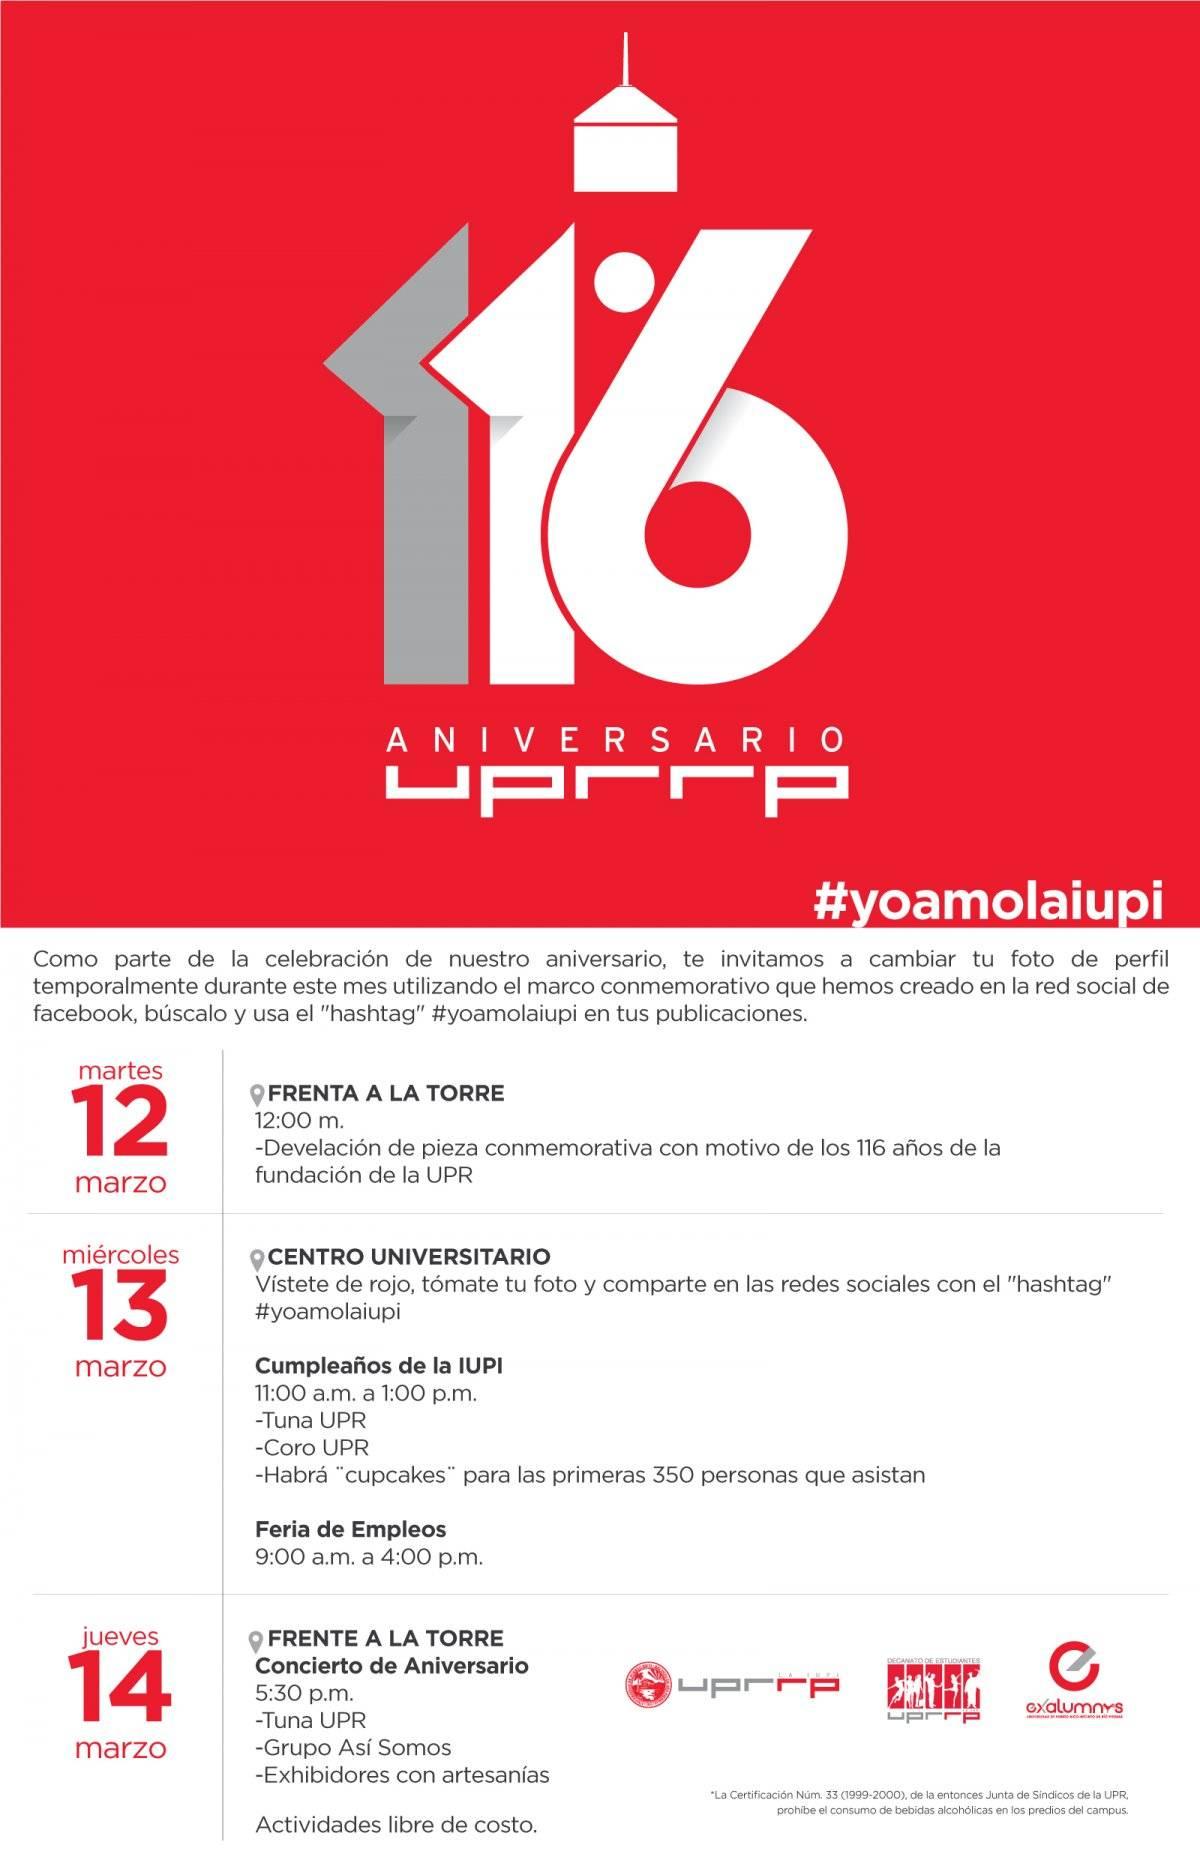 UPR Agenda